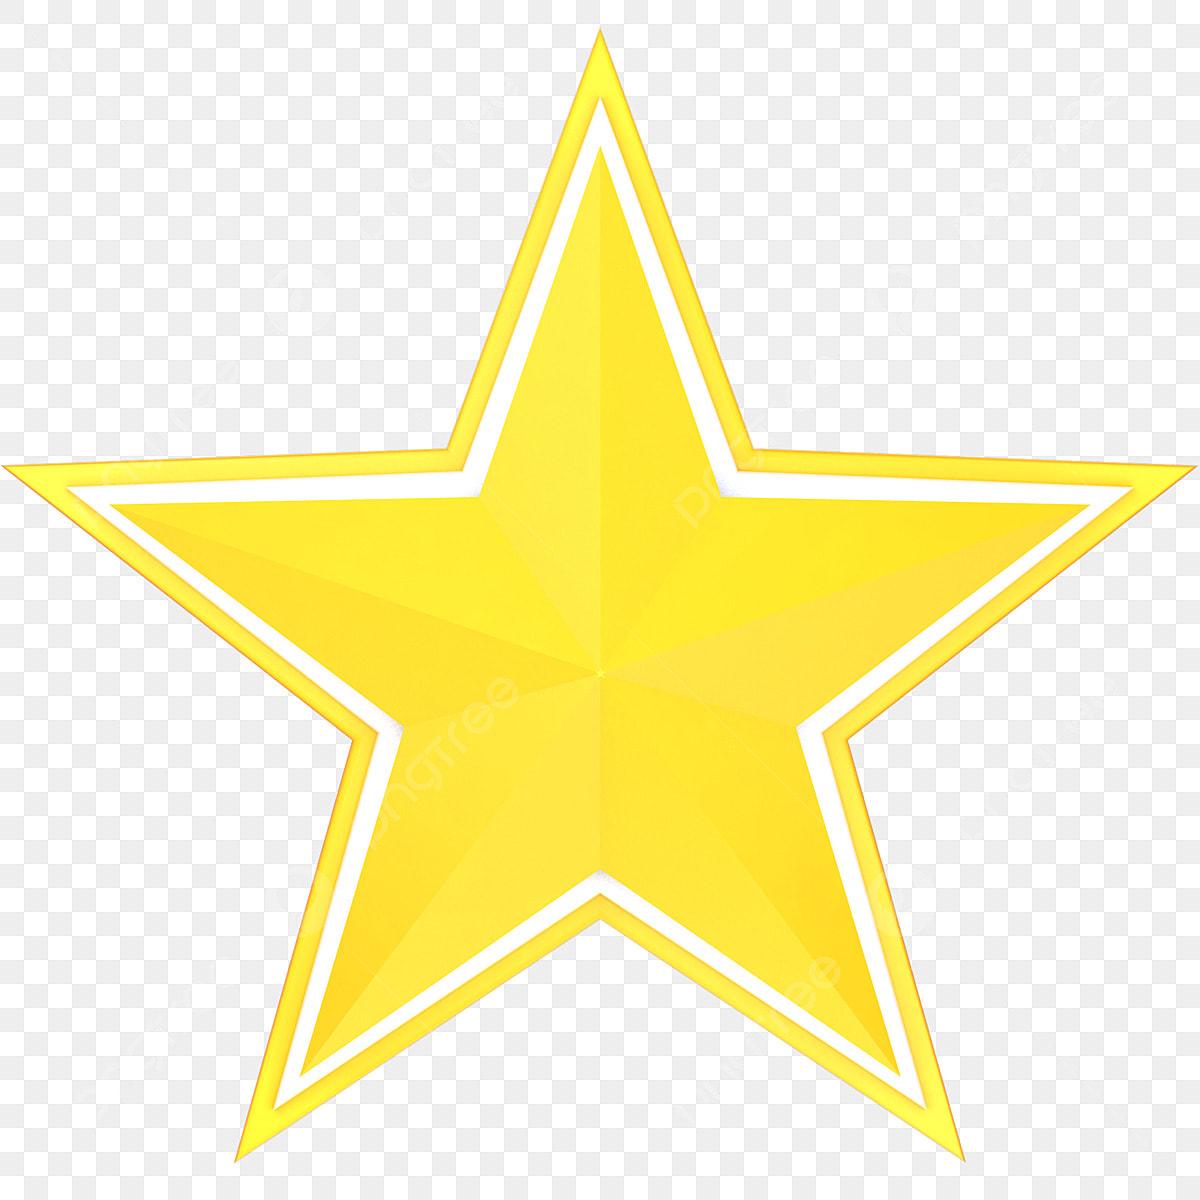 Extremement élément Tridimensionnel De Dessin Animé étoile à Cinq Branches LM-65